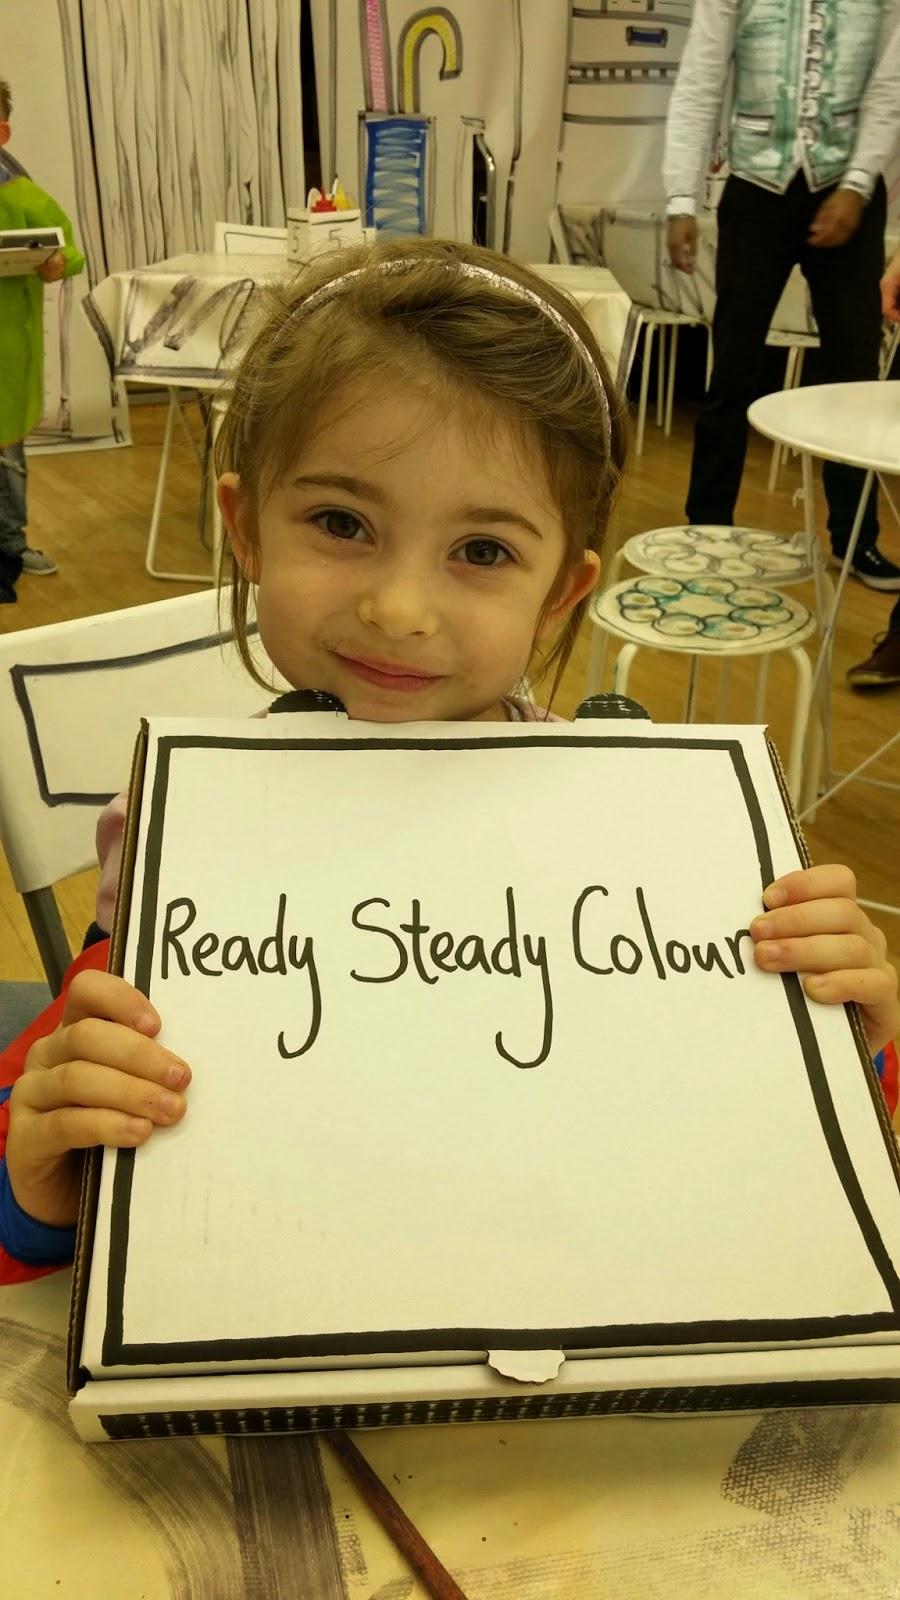 ready steady colour